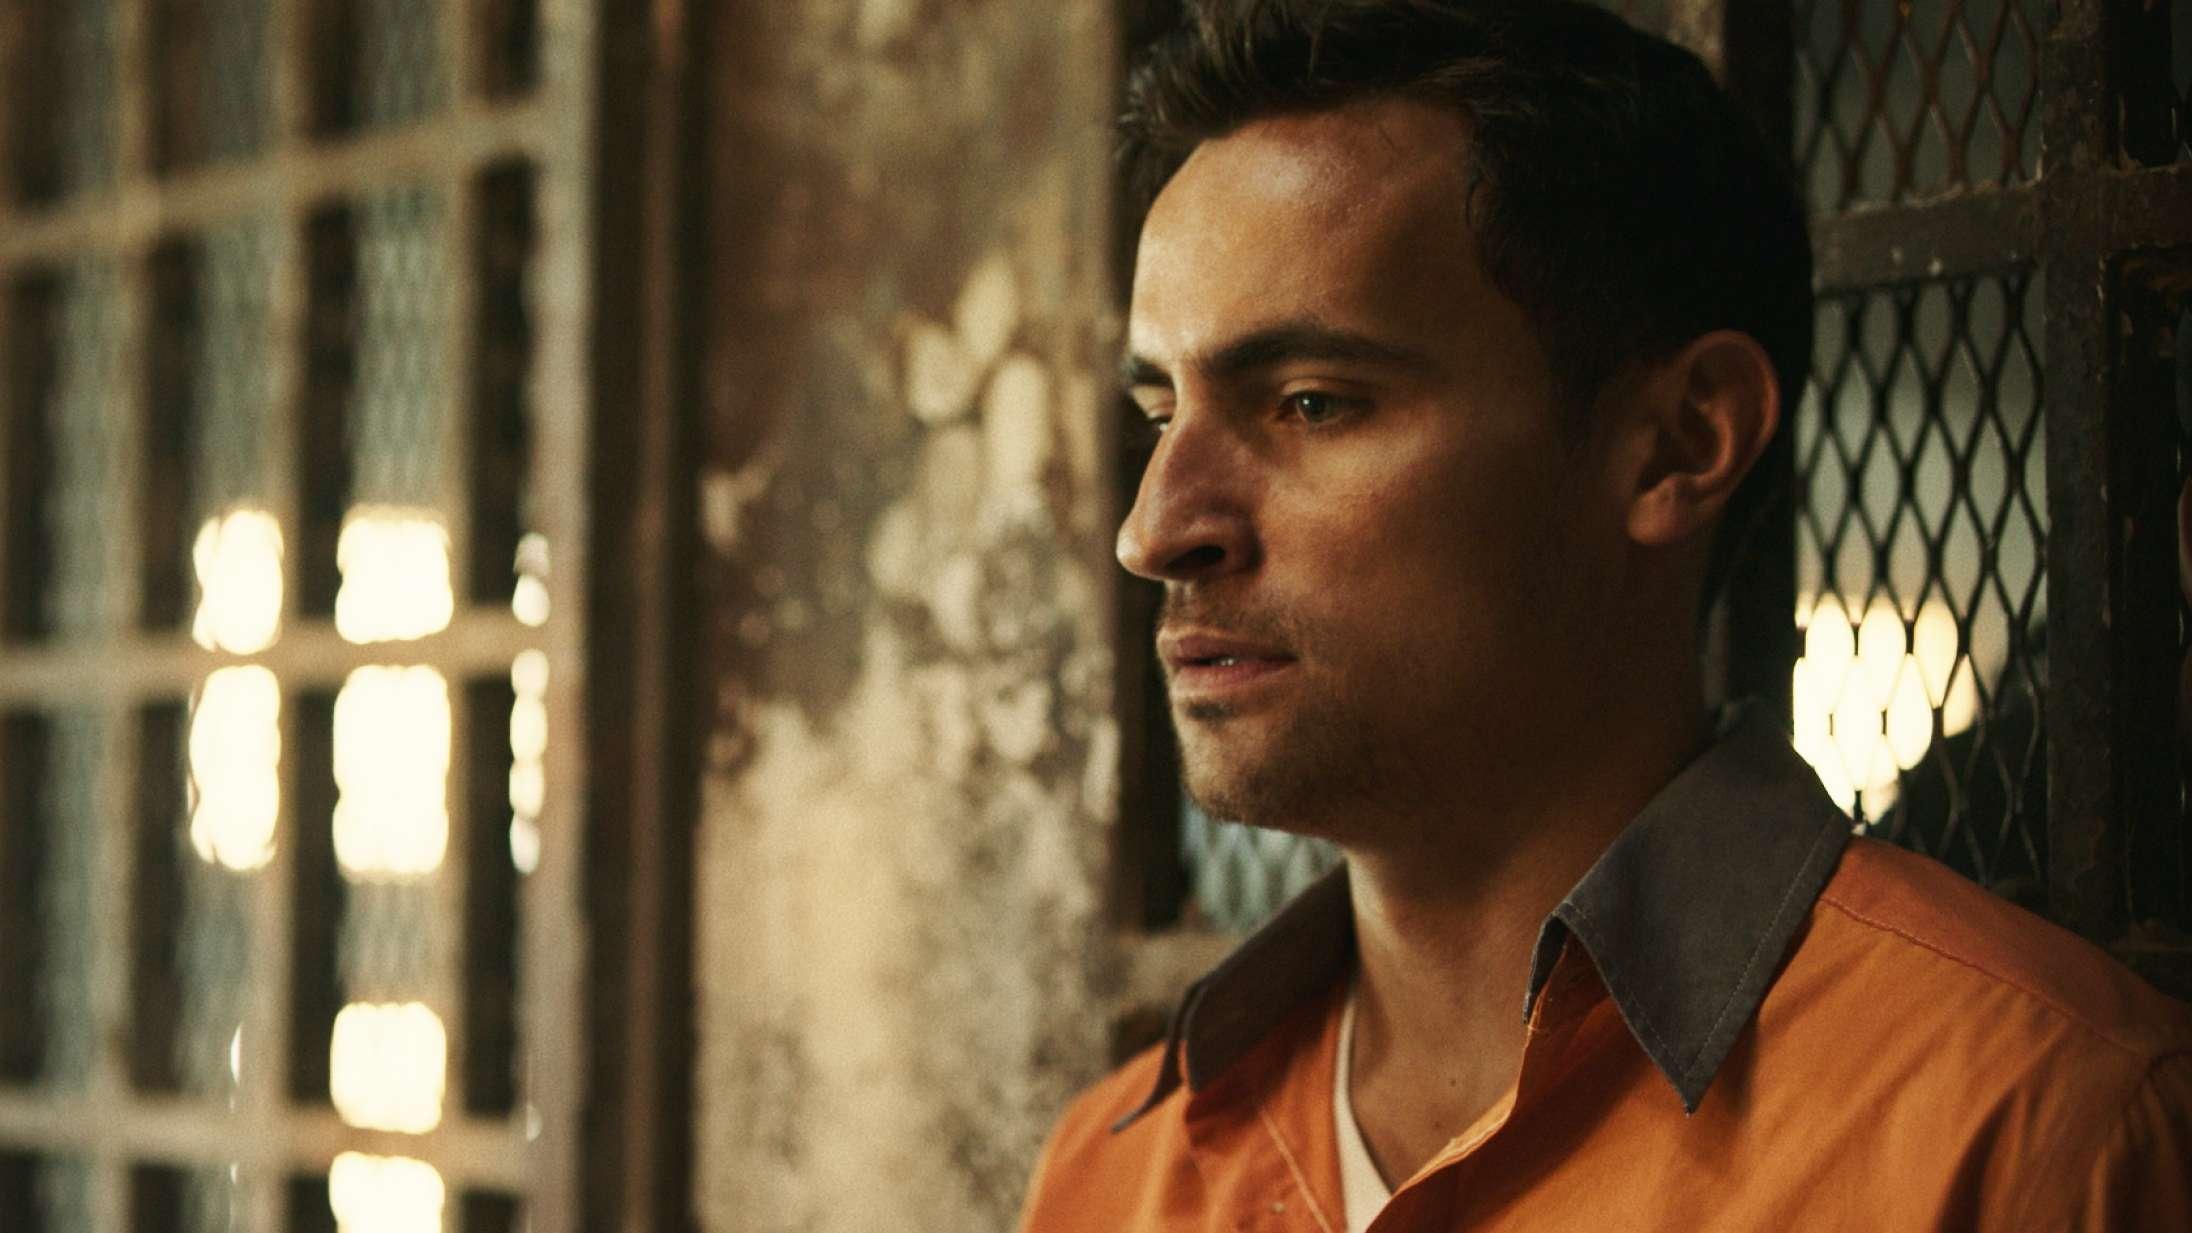 Latterliggjort dansk skuespiller ler sidst med TV 2's slagkraftige thrillerserie